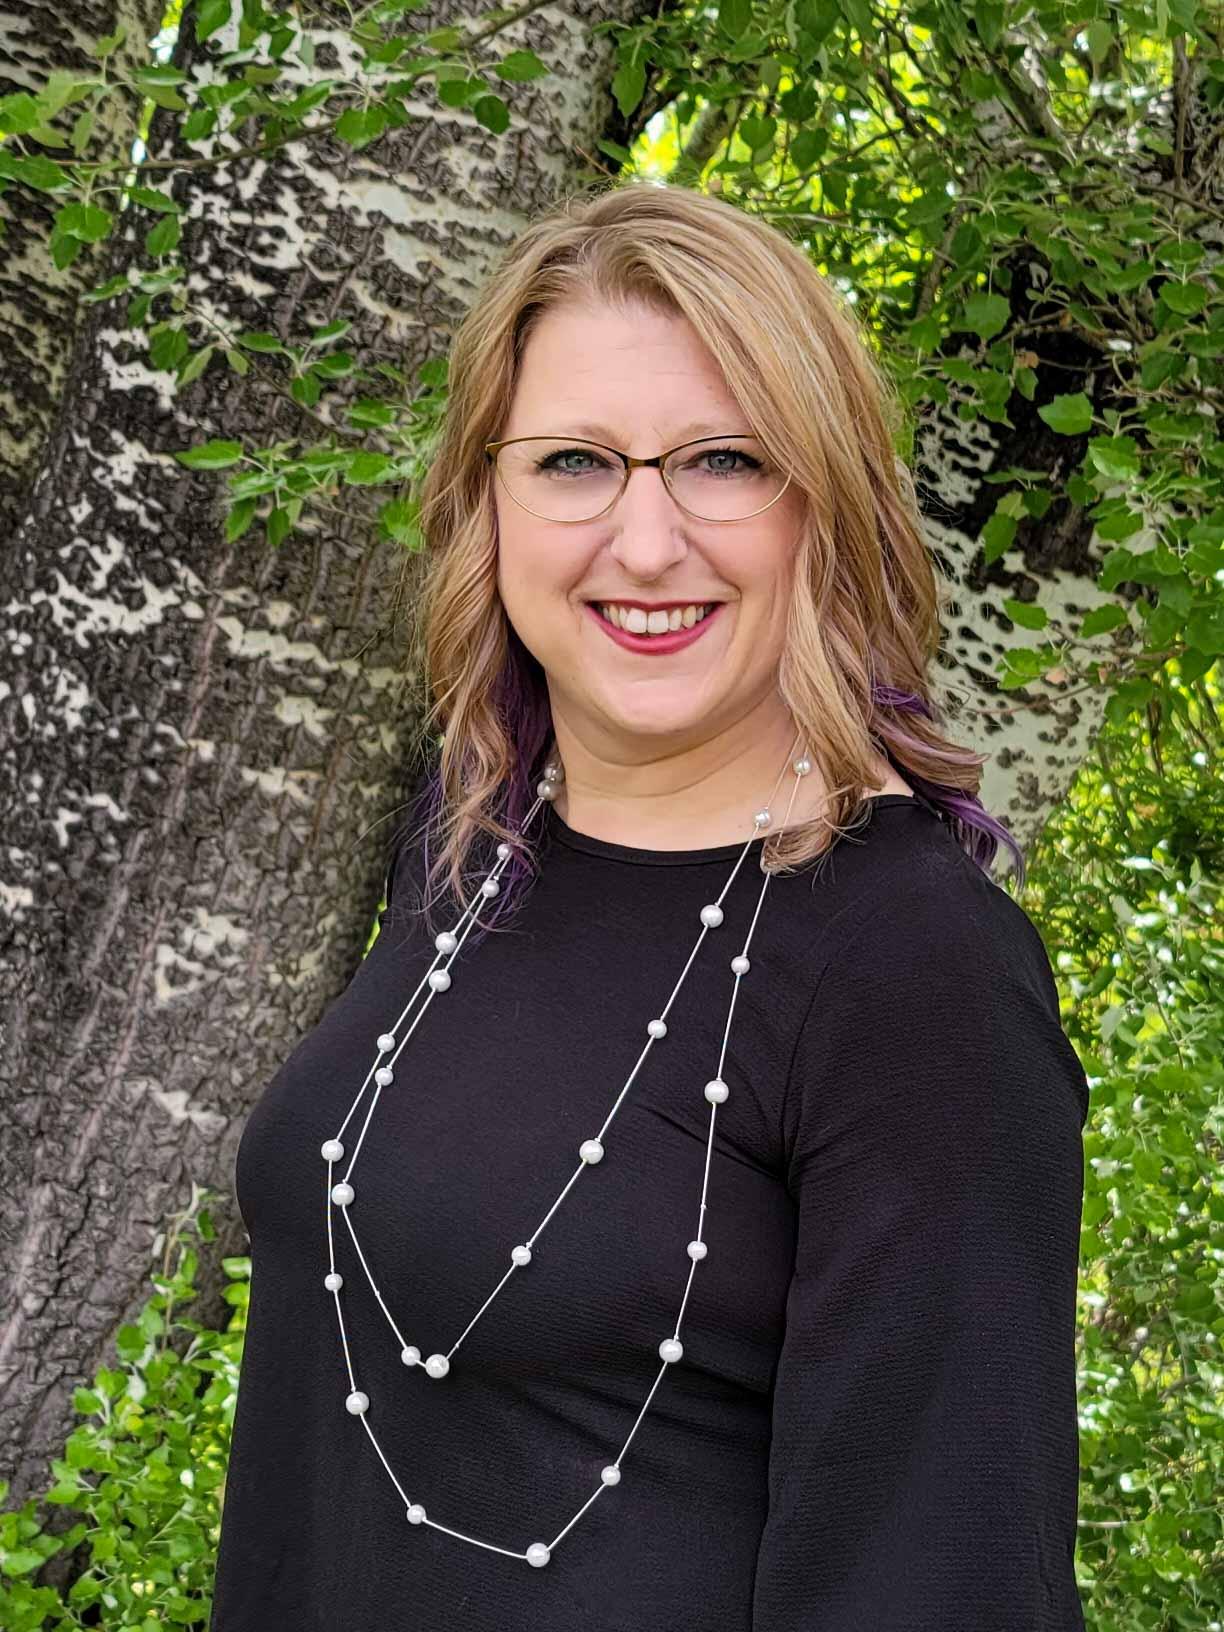 Jeanette Woodgerd